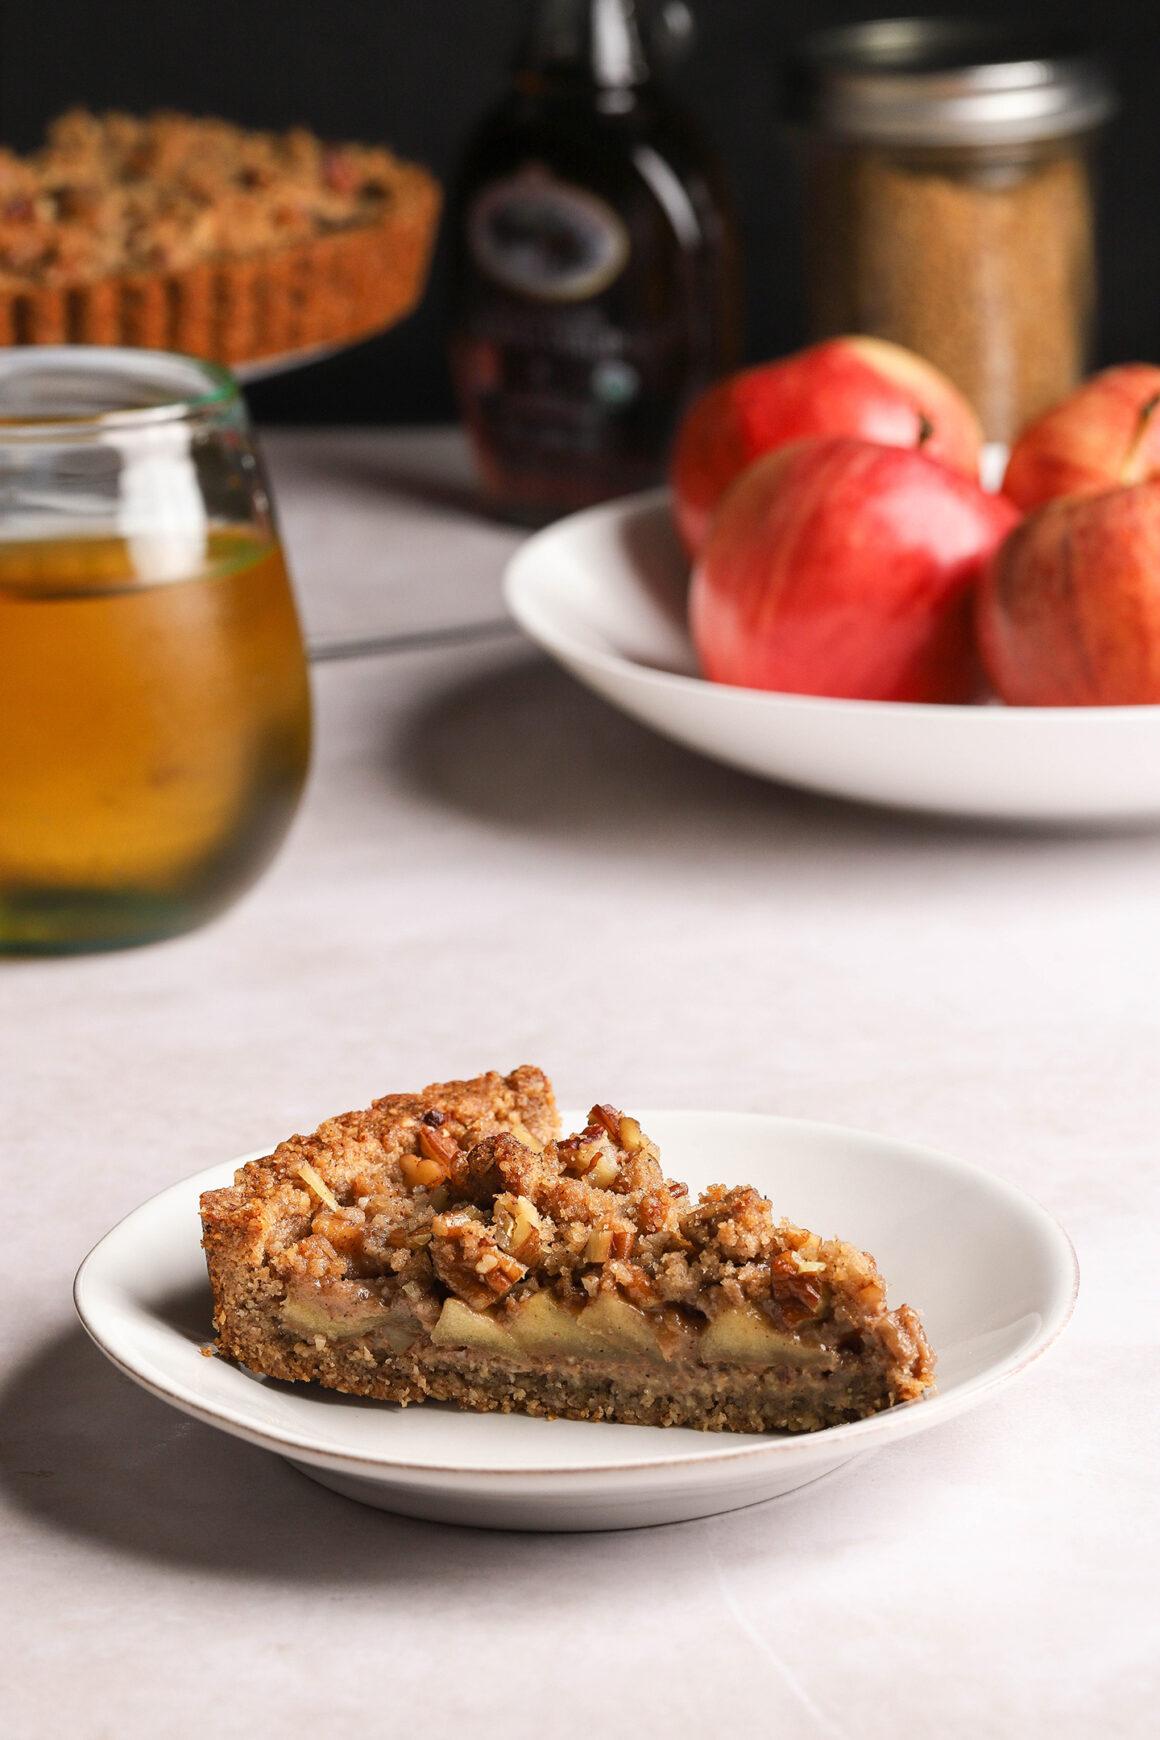 caramel apple pecan streusel tart slice